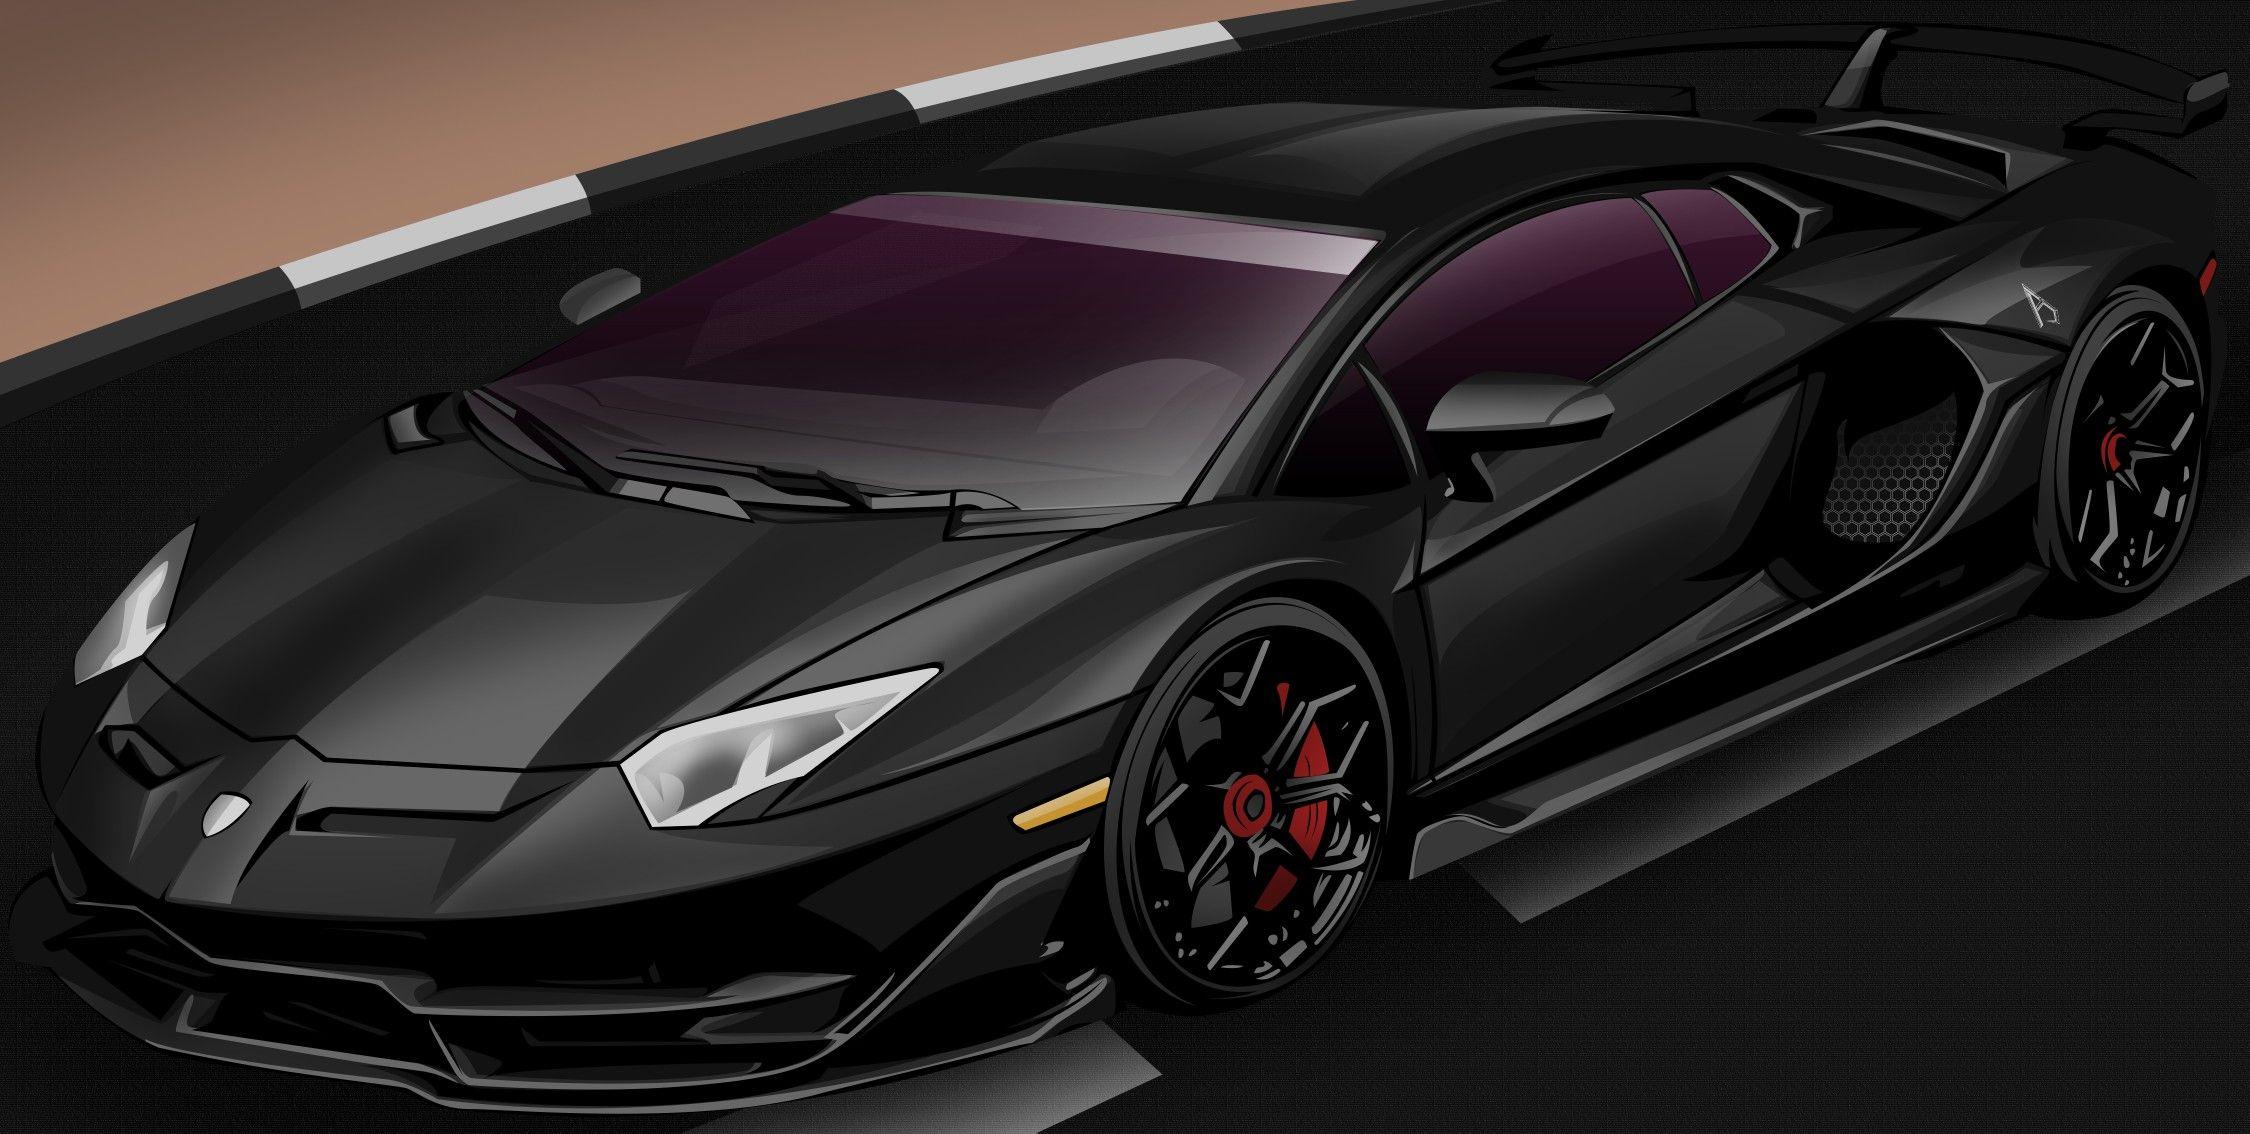 Lamborghini Aventador Cartoon Wallpaper